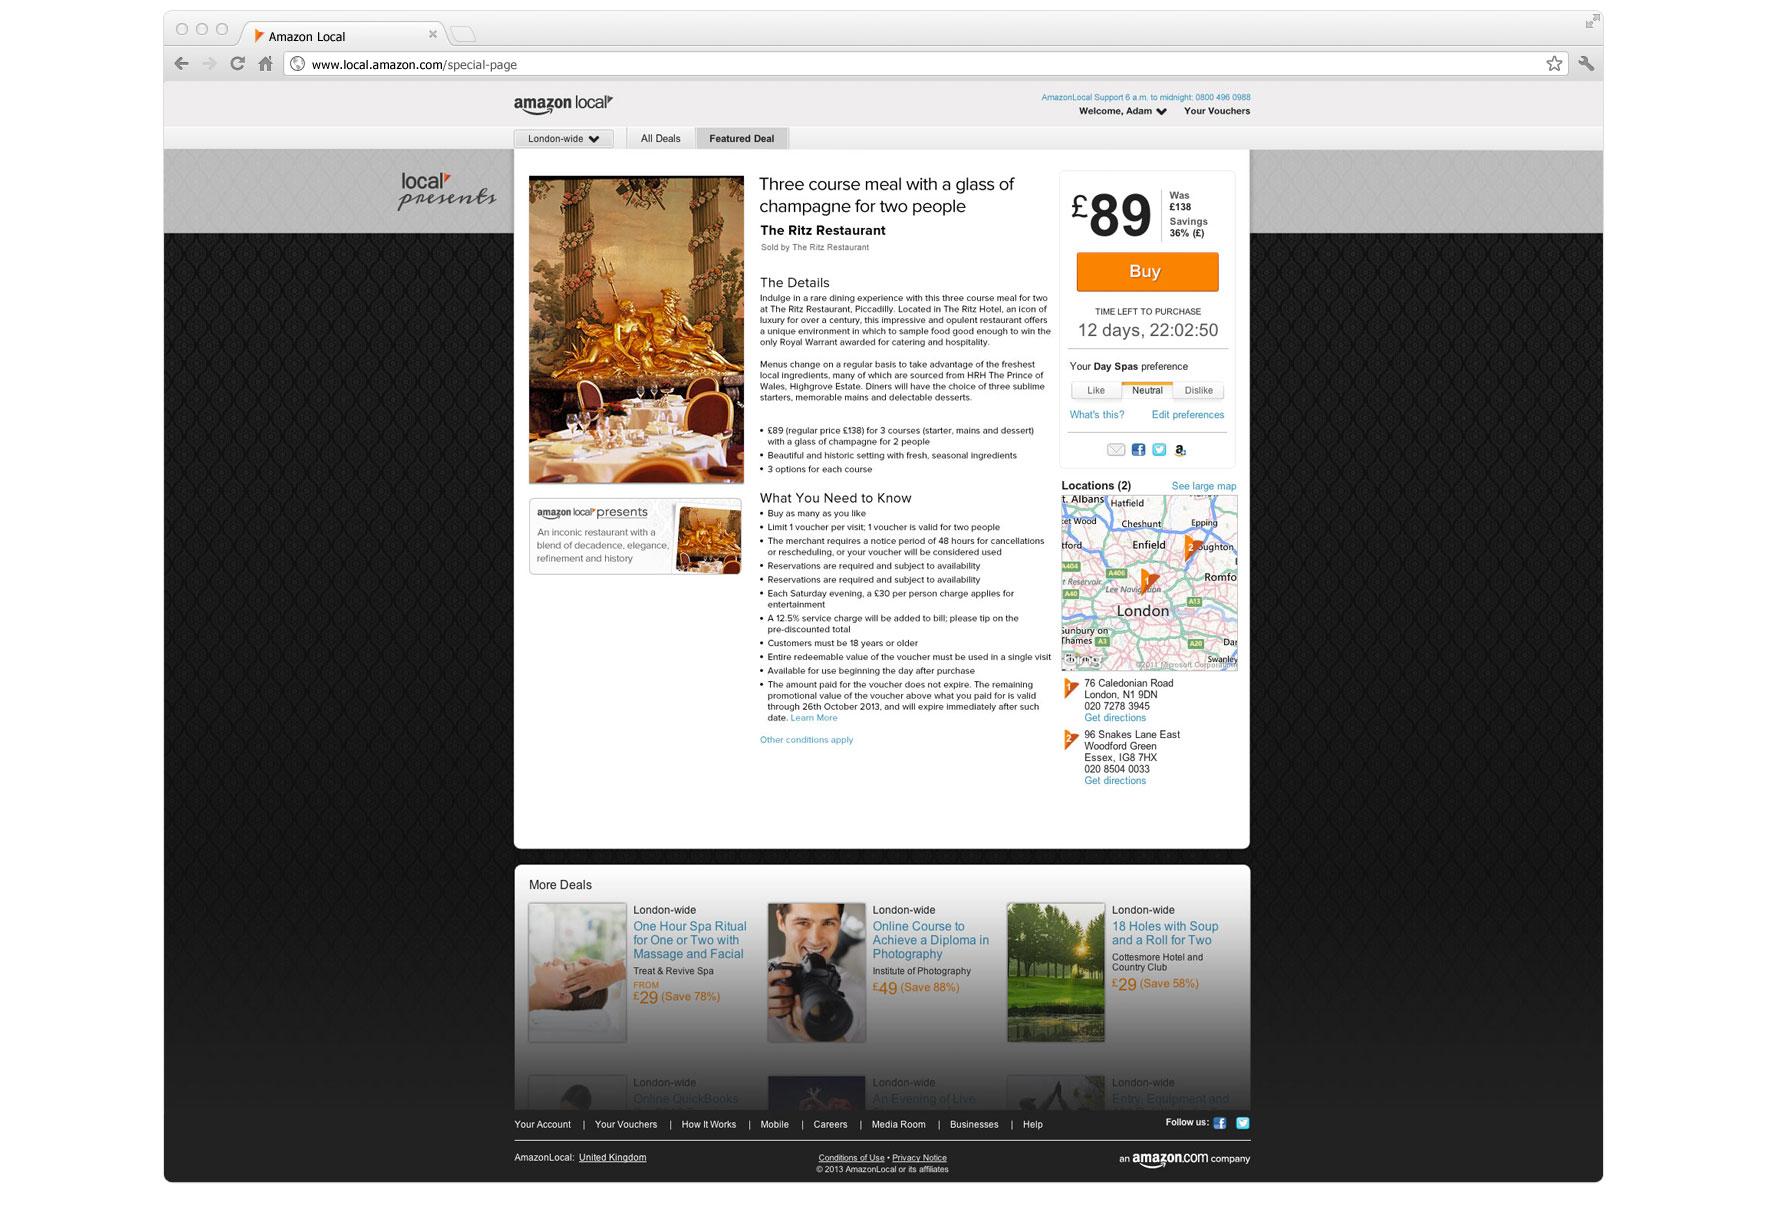 Chrome_page_presenst.jpg